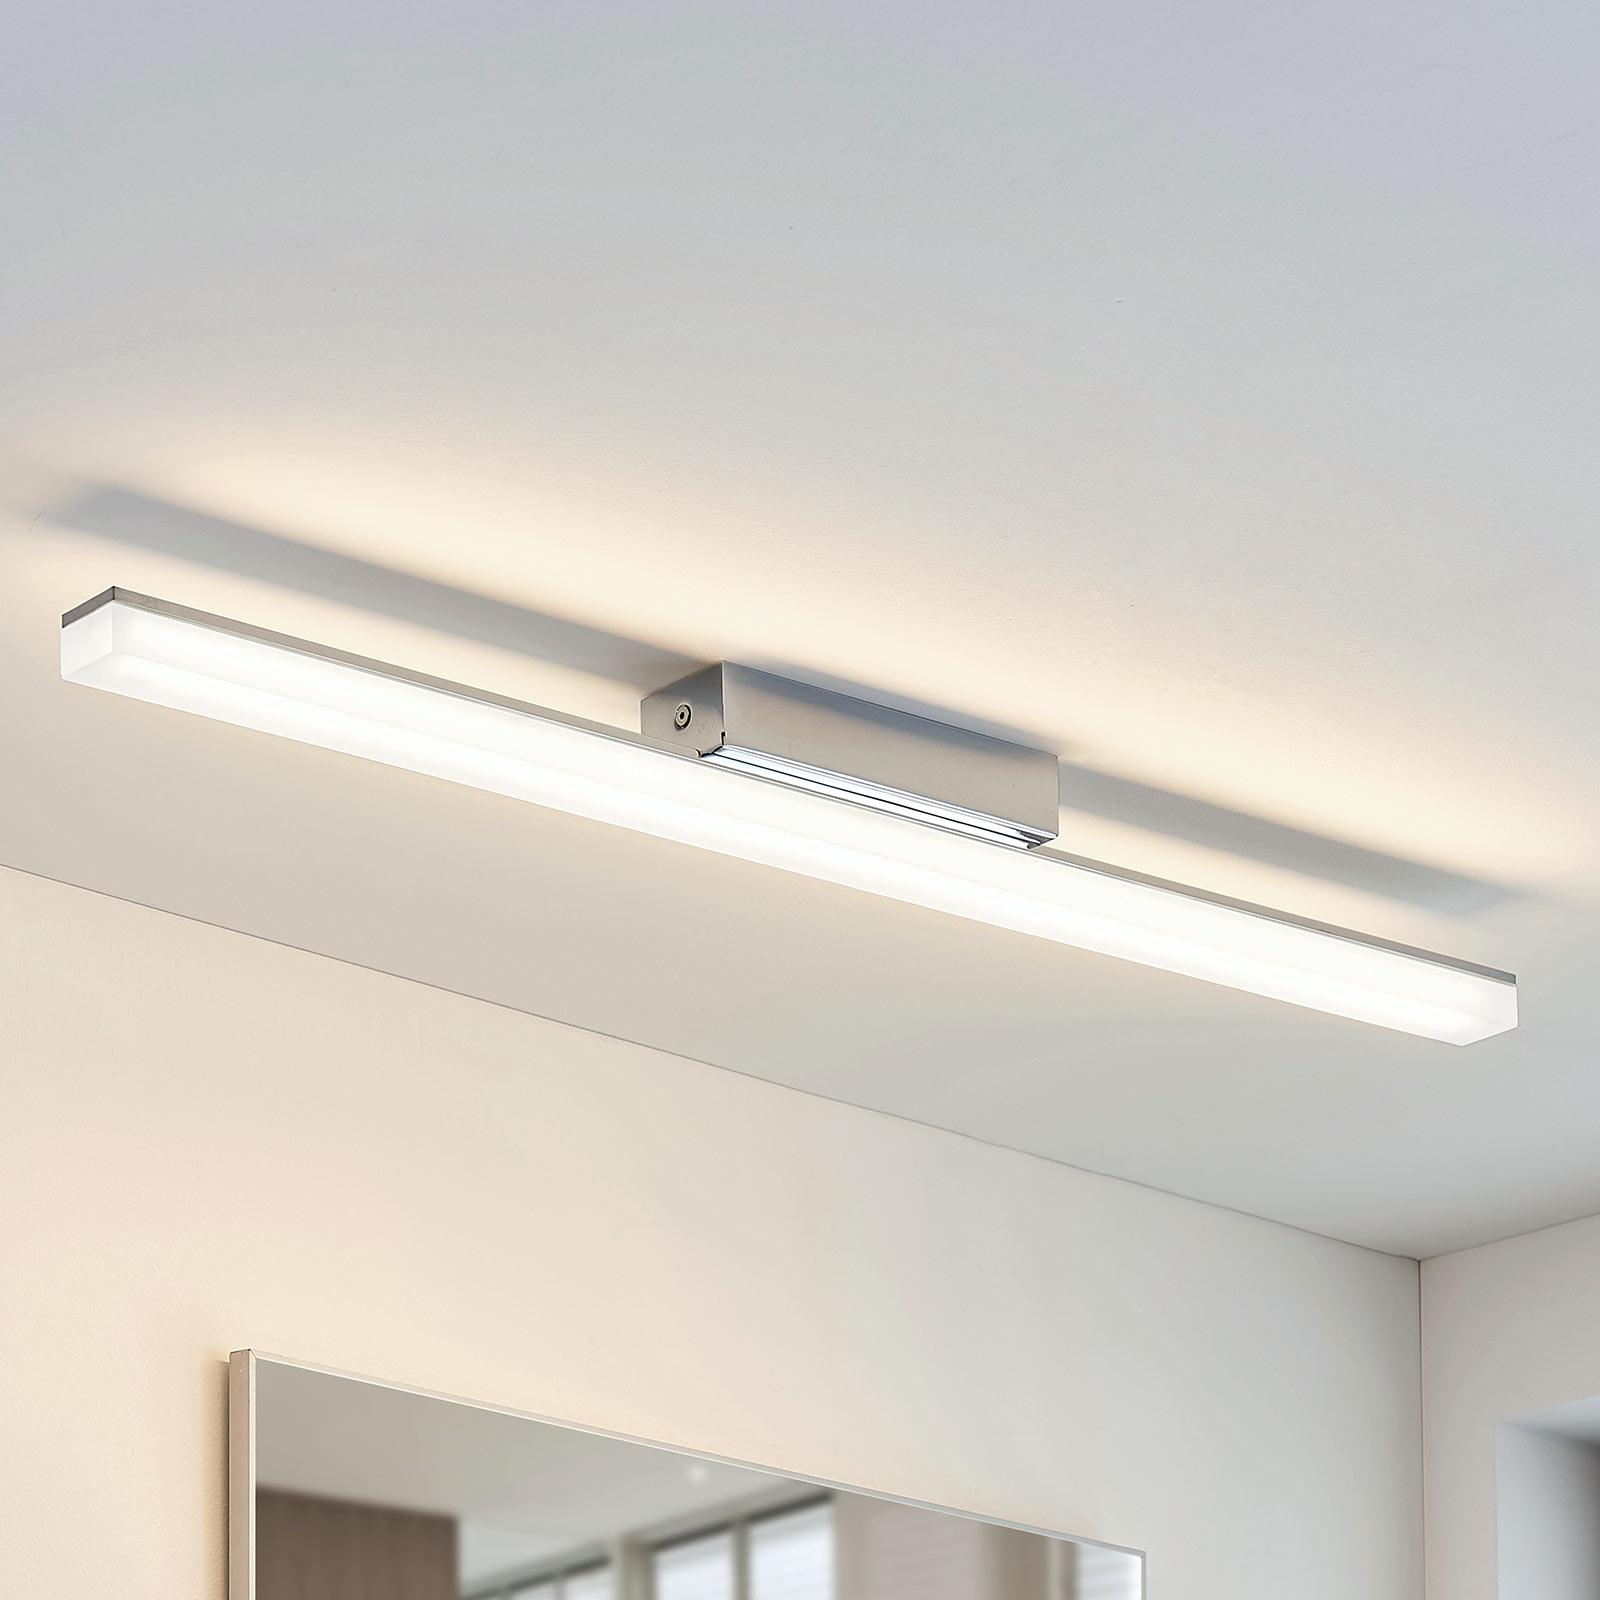 Bad-taklampe Levke med LED-lys, IP44